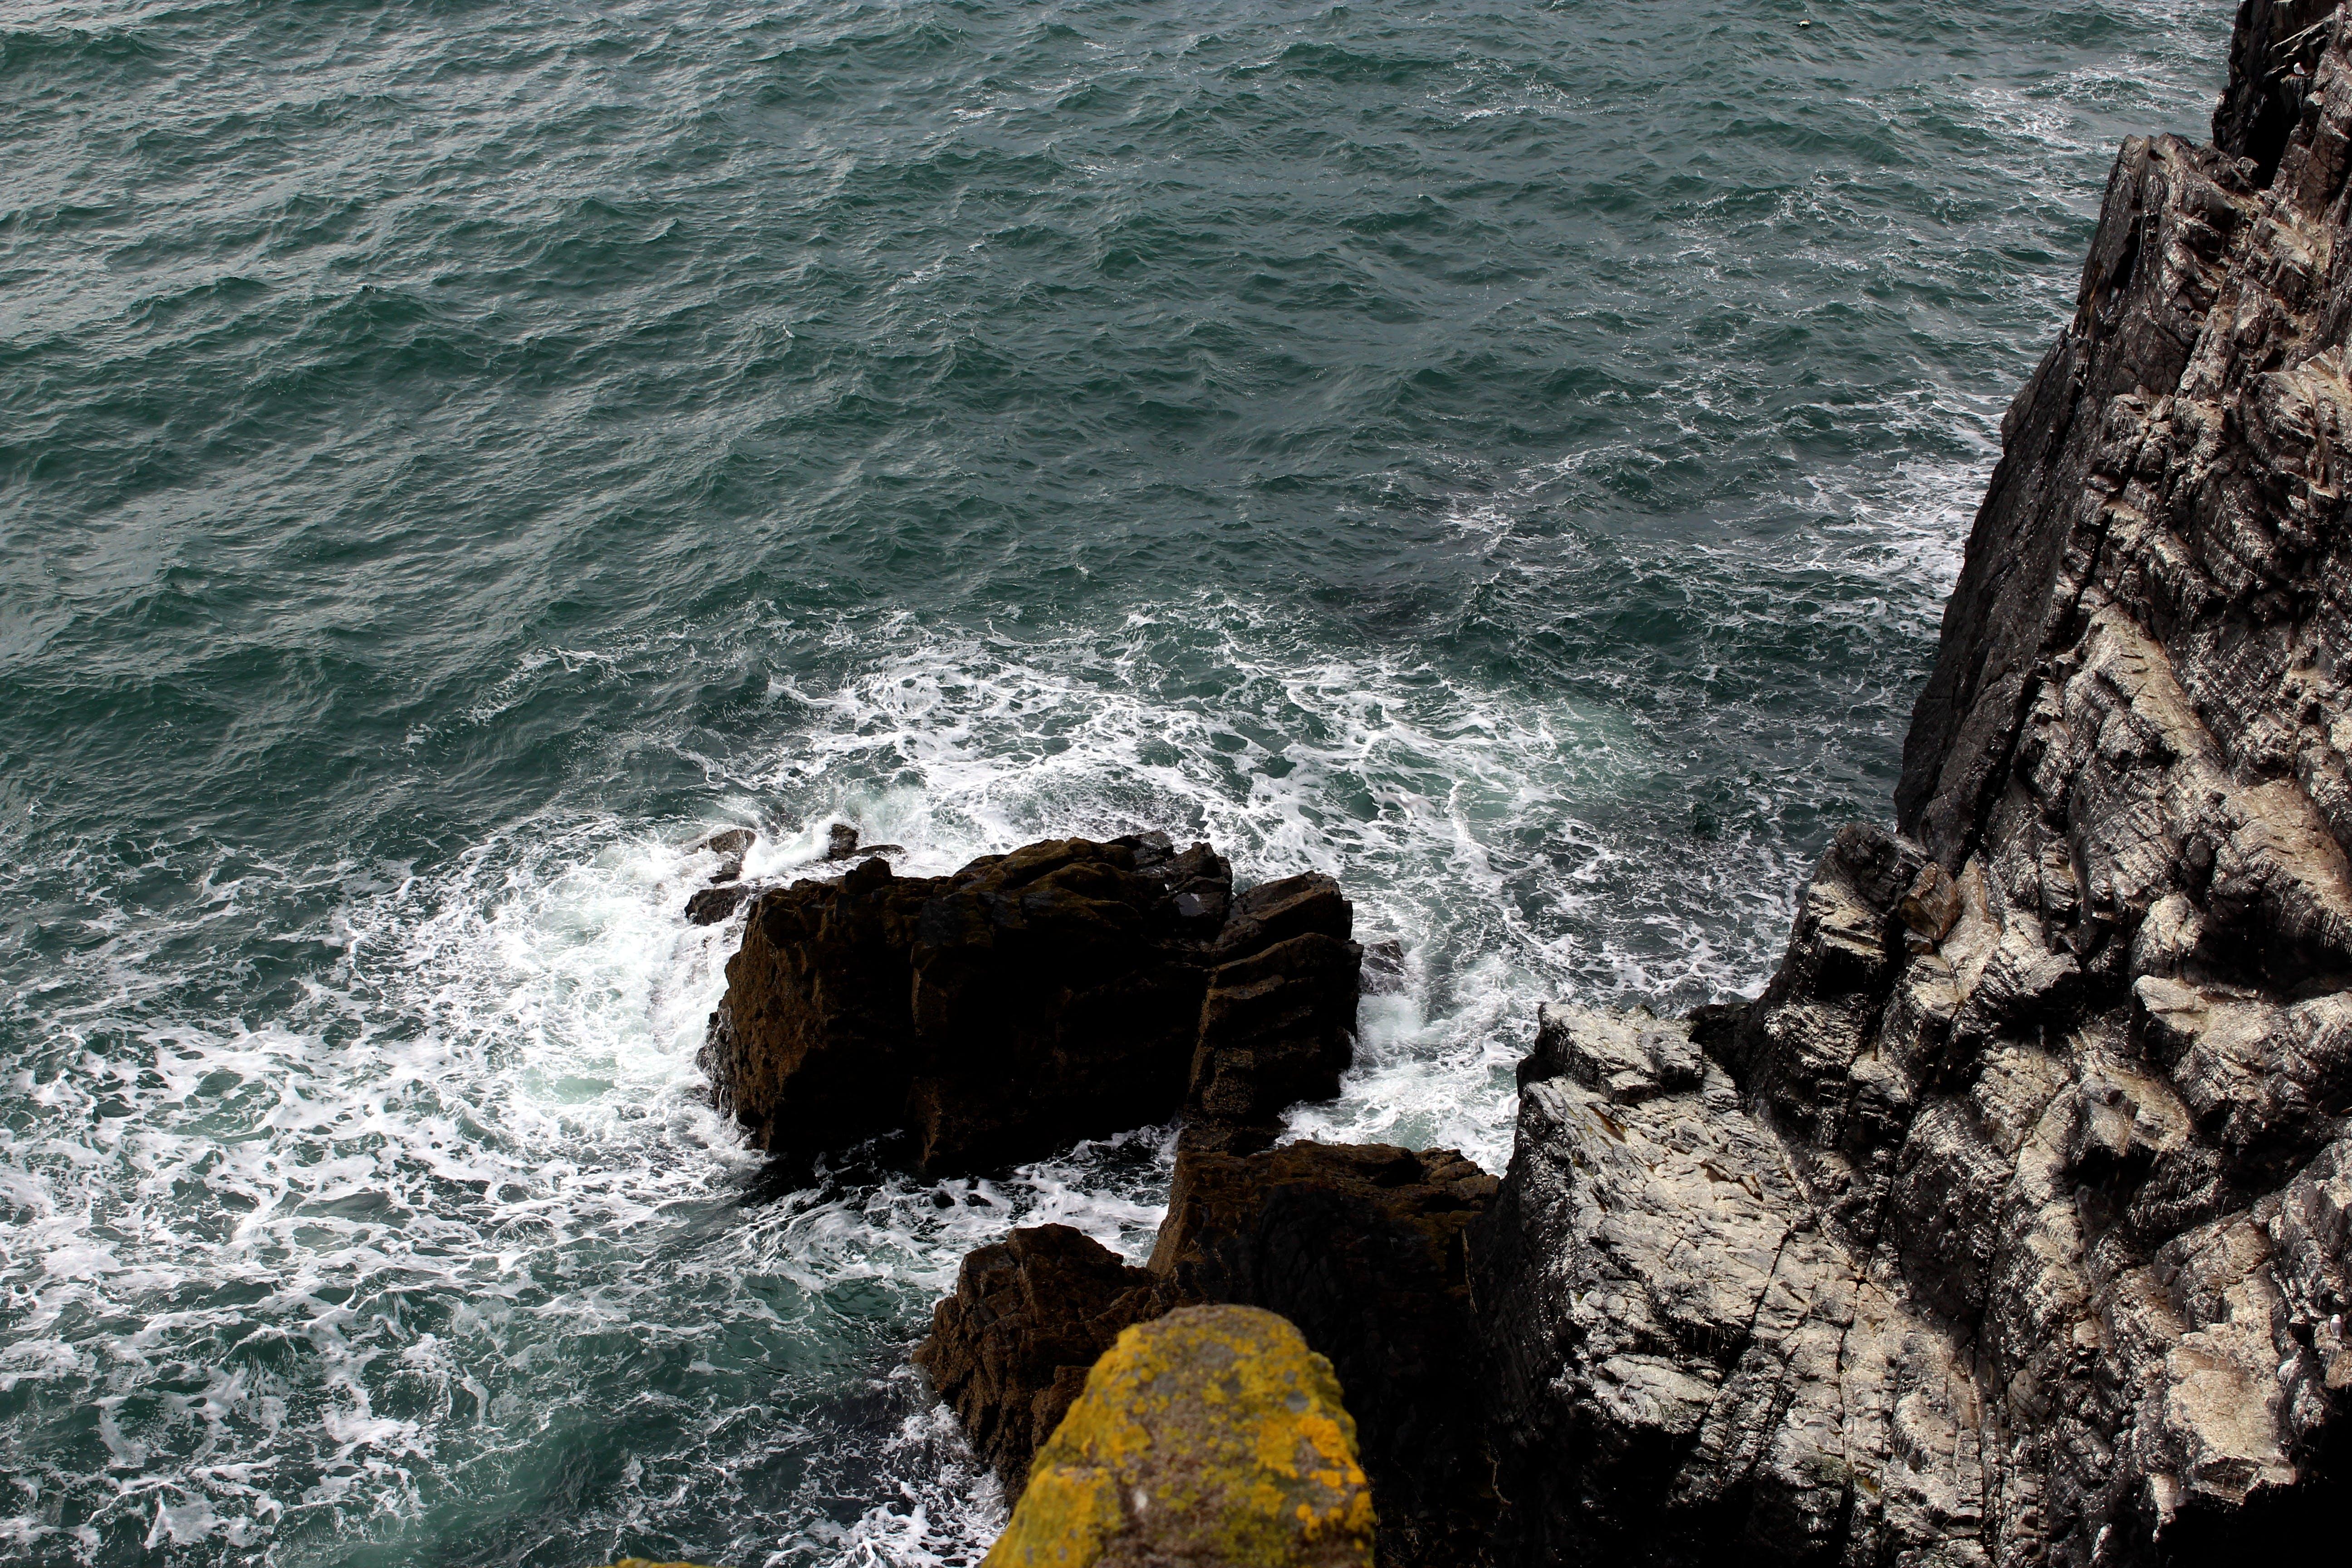 Rock Mountain Beside Body of Water